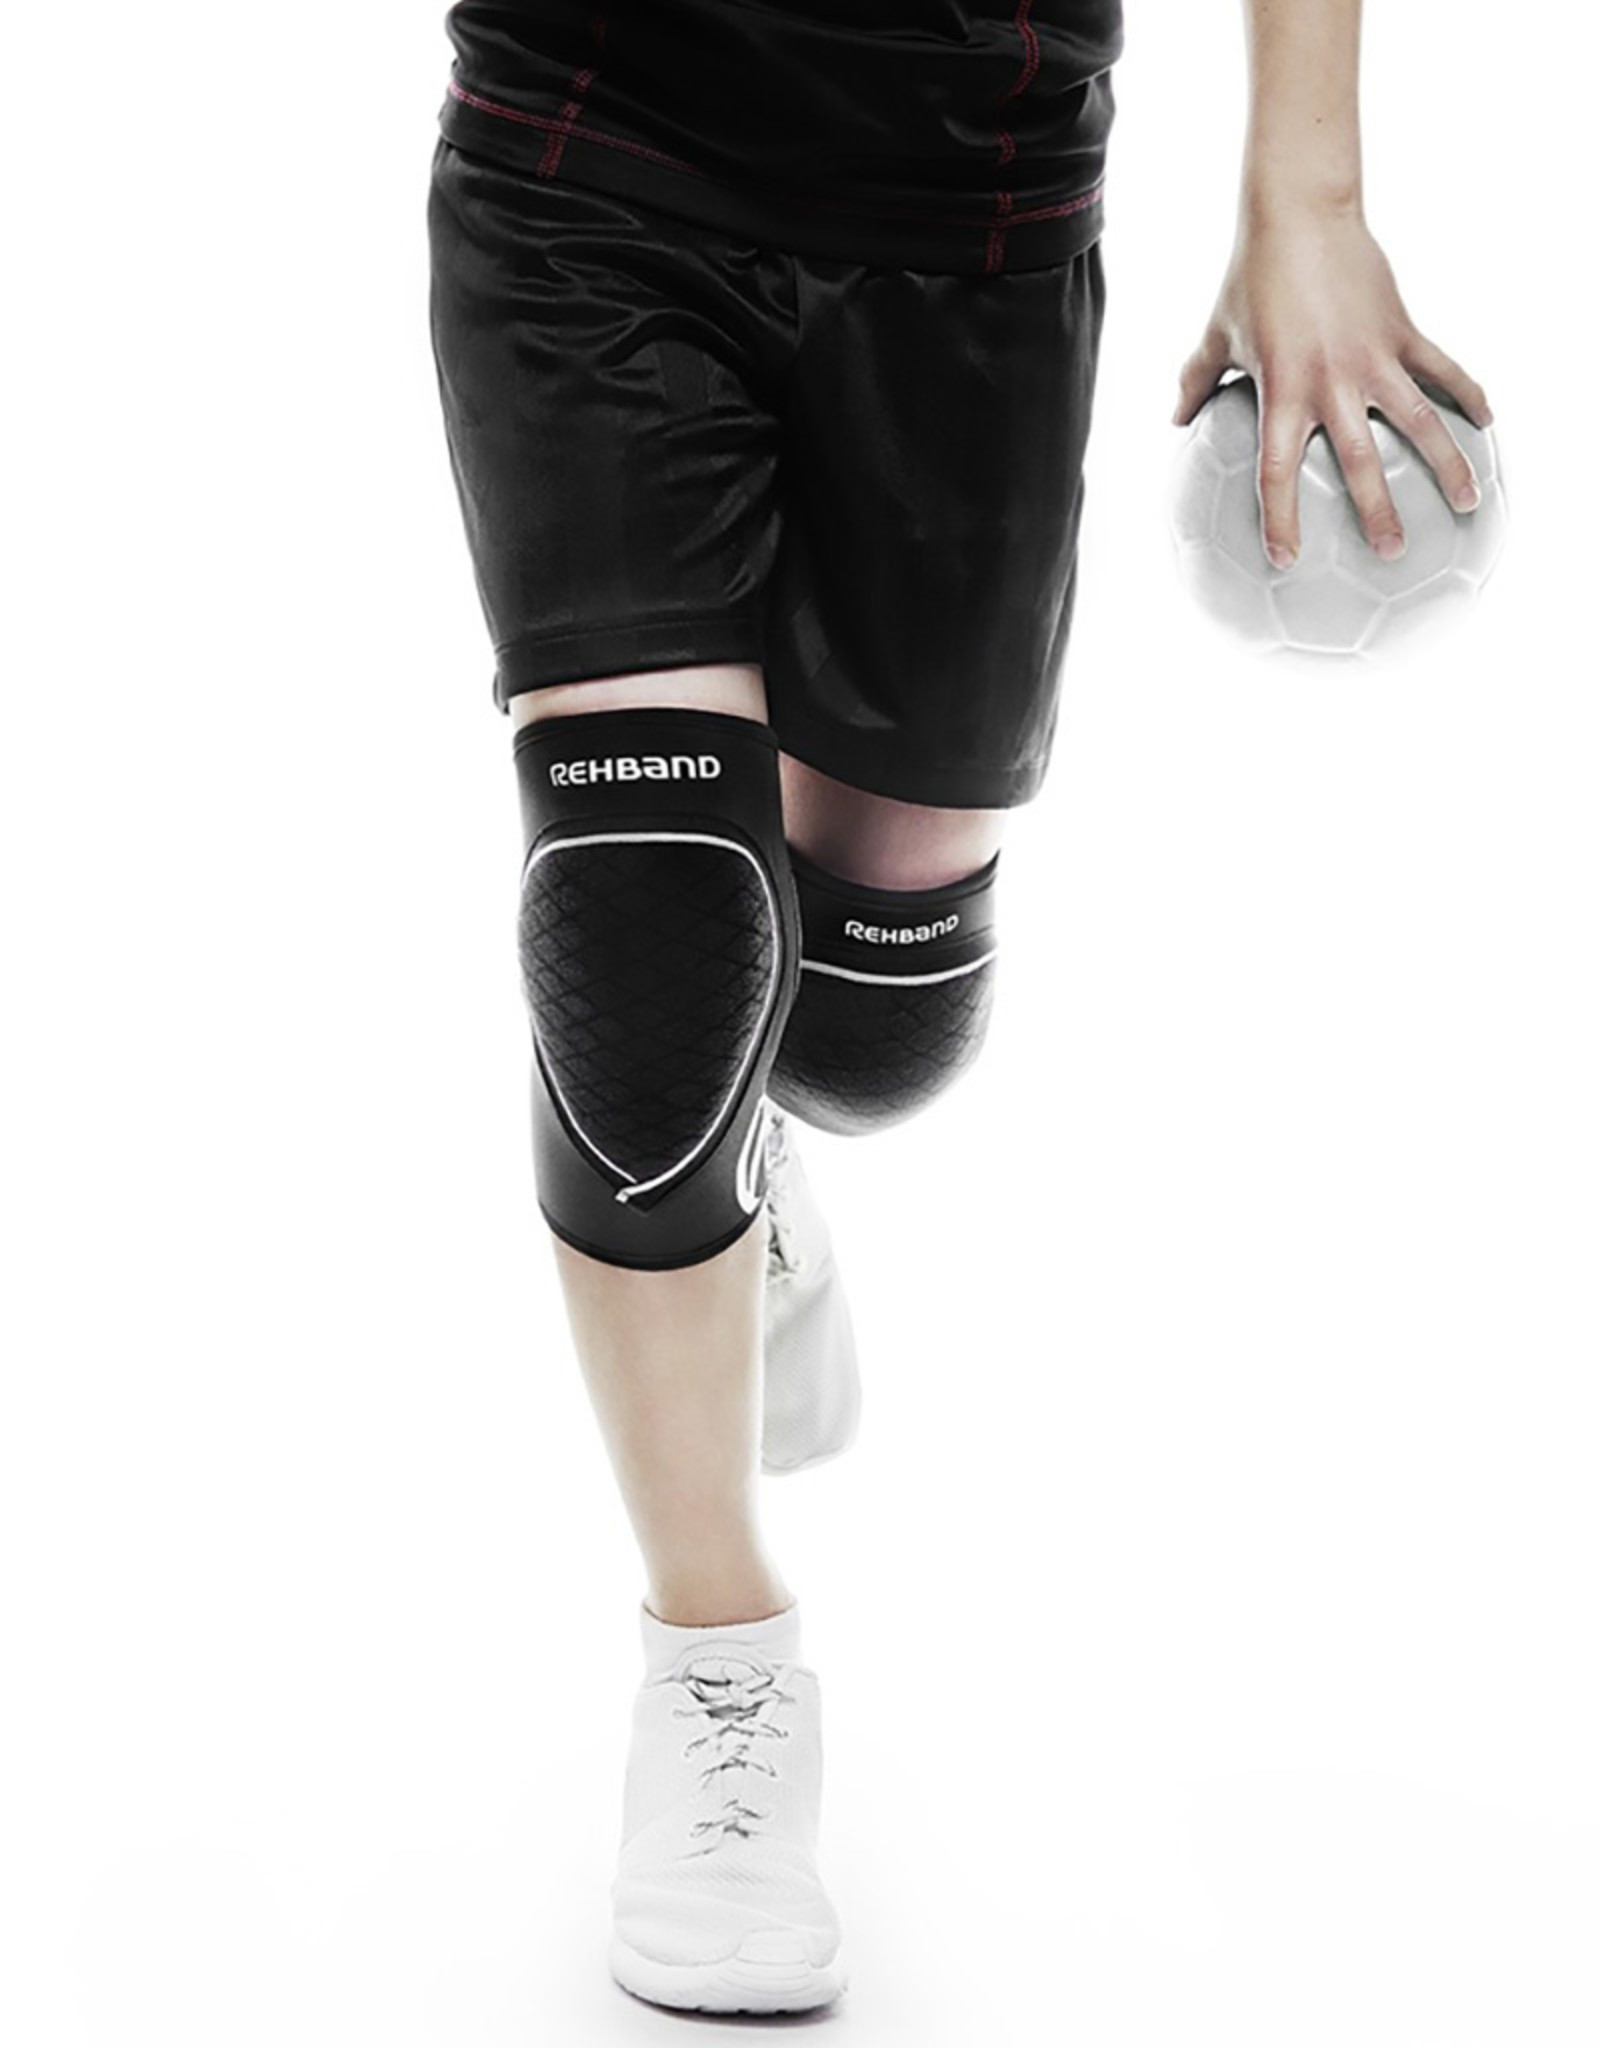 Rehband Prn Knee Pad Jr 5Mm Genouillere Pair - Noir